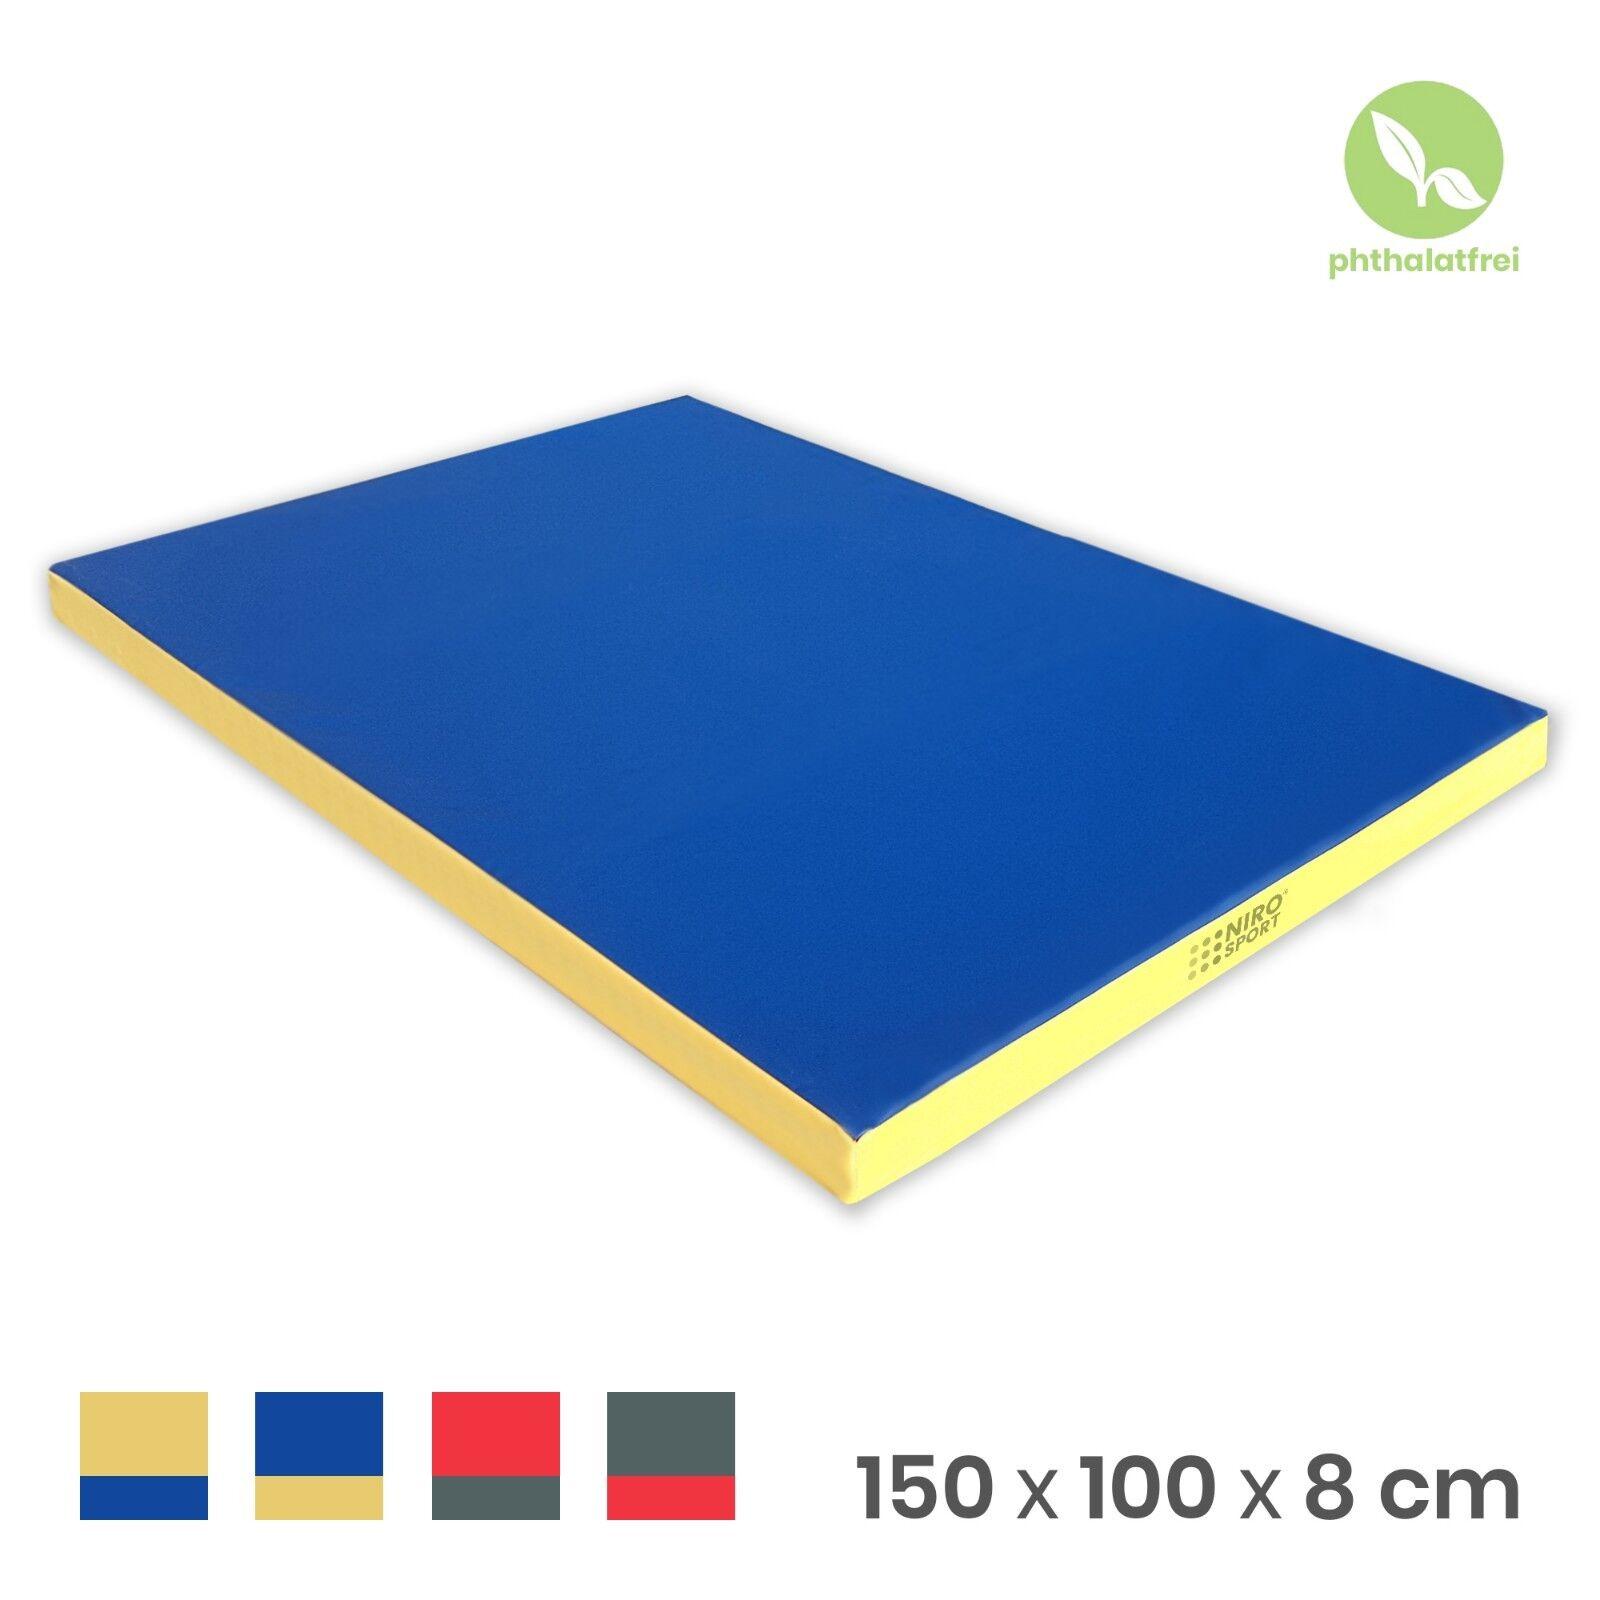 Gymnastikmatte Turnmatte Fitnessmatte Weichbodenmatte 150 x 100 x 8 cm